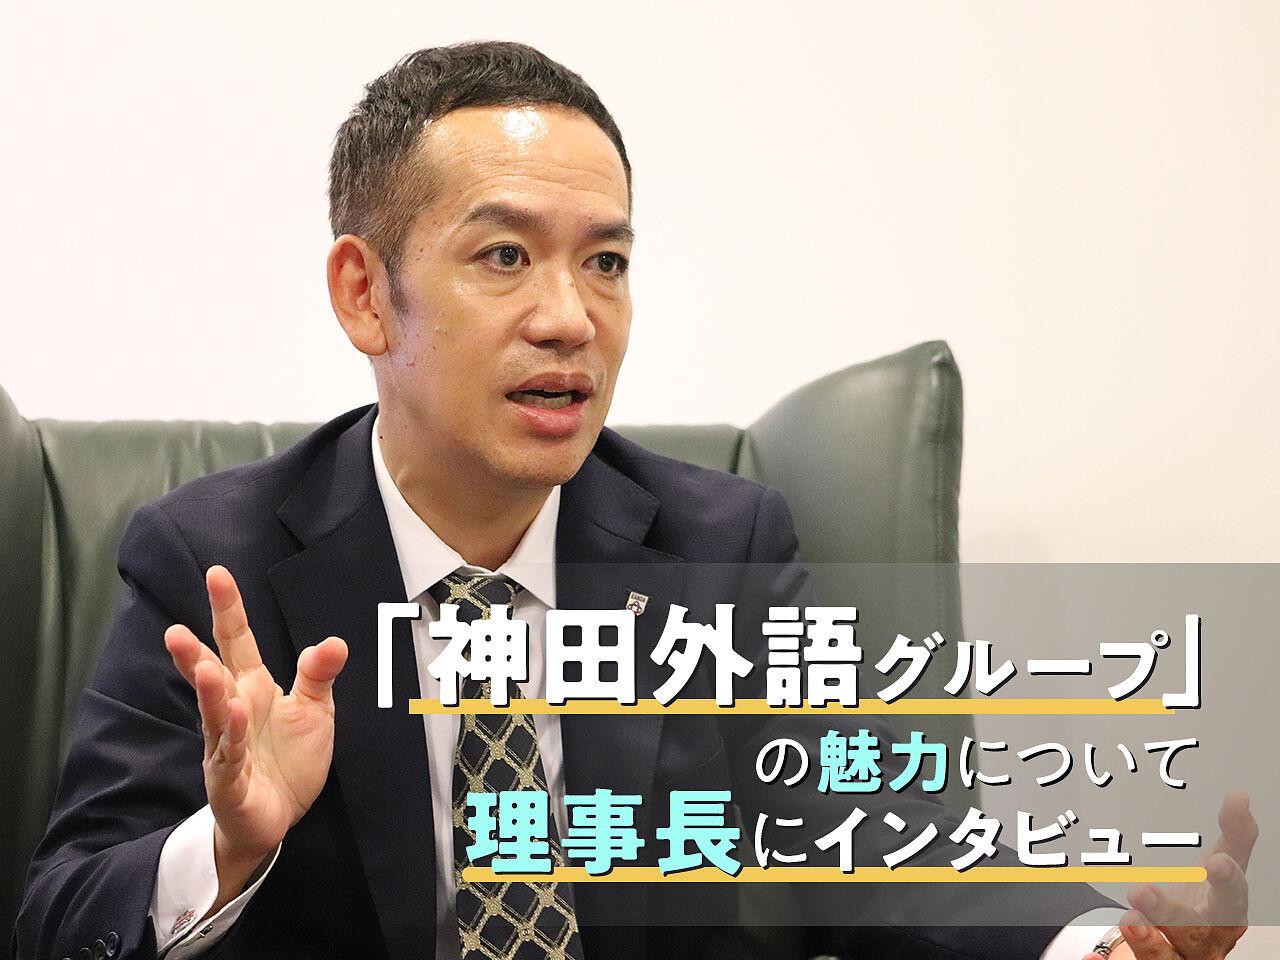 """神田外語グループの理事長に聞いた!""""生涯学び続けられる人""""を育てる方法とはの画像"""